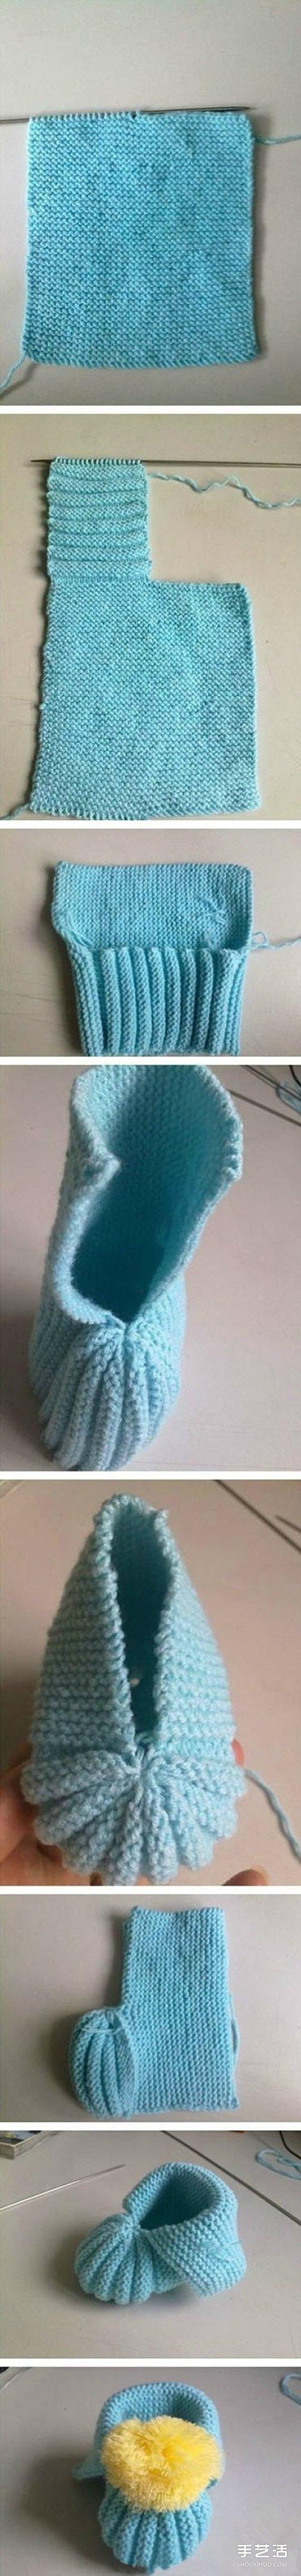 毛线宝宝鞋的织法_婴儿鞋的毛线编织方法 婴儿毛线鞋织法图解(3)_手艺活网